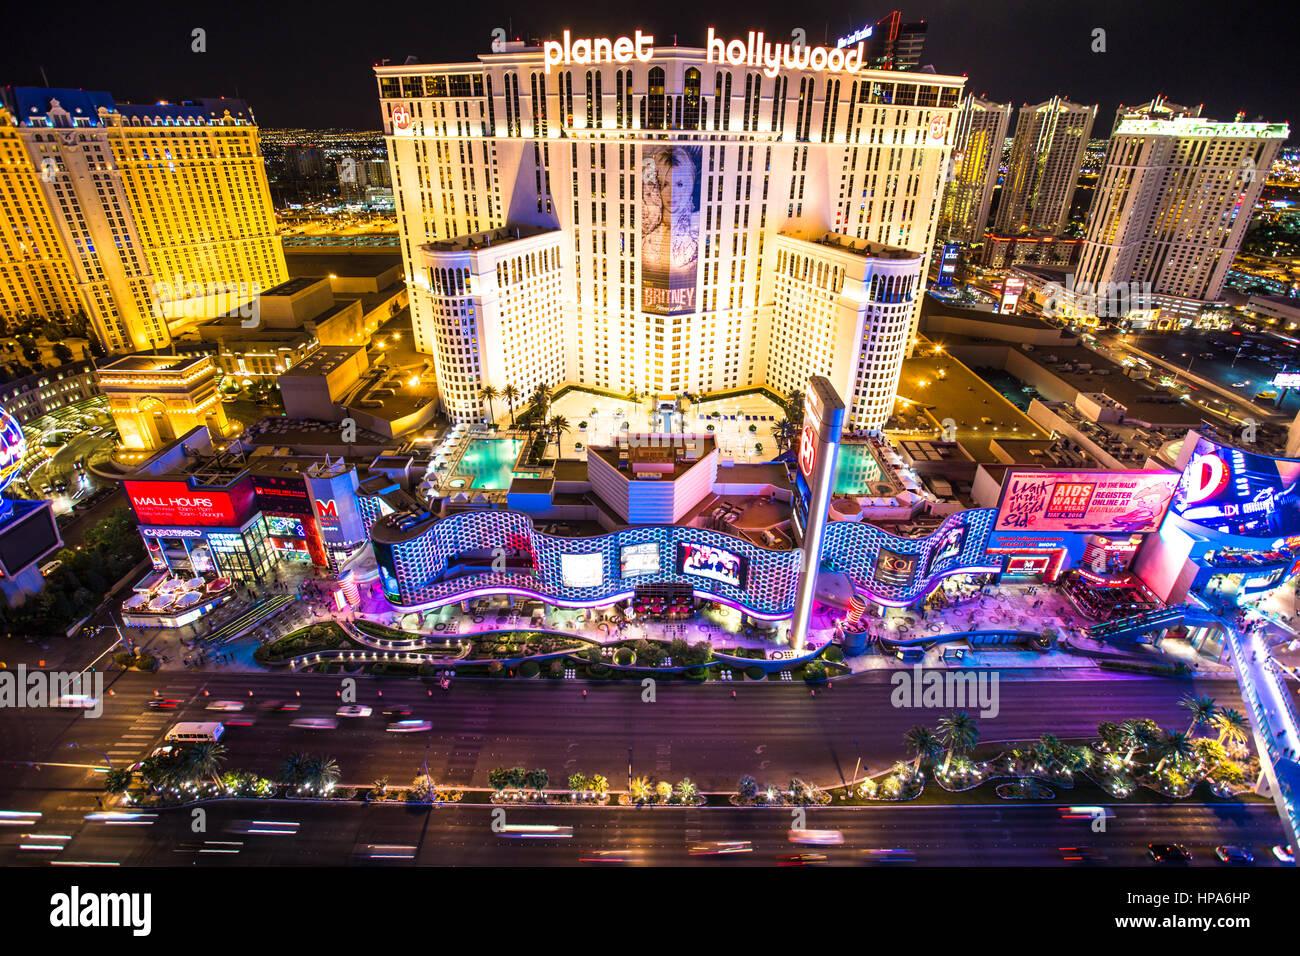 AS LAS VEGAS, NEVADA - 7. Mai 2014: Schöne Nachtansicht des Las Vegas Strip mit bunten Resort Casinos beleuchtet. Stockbild